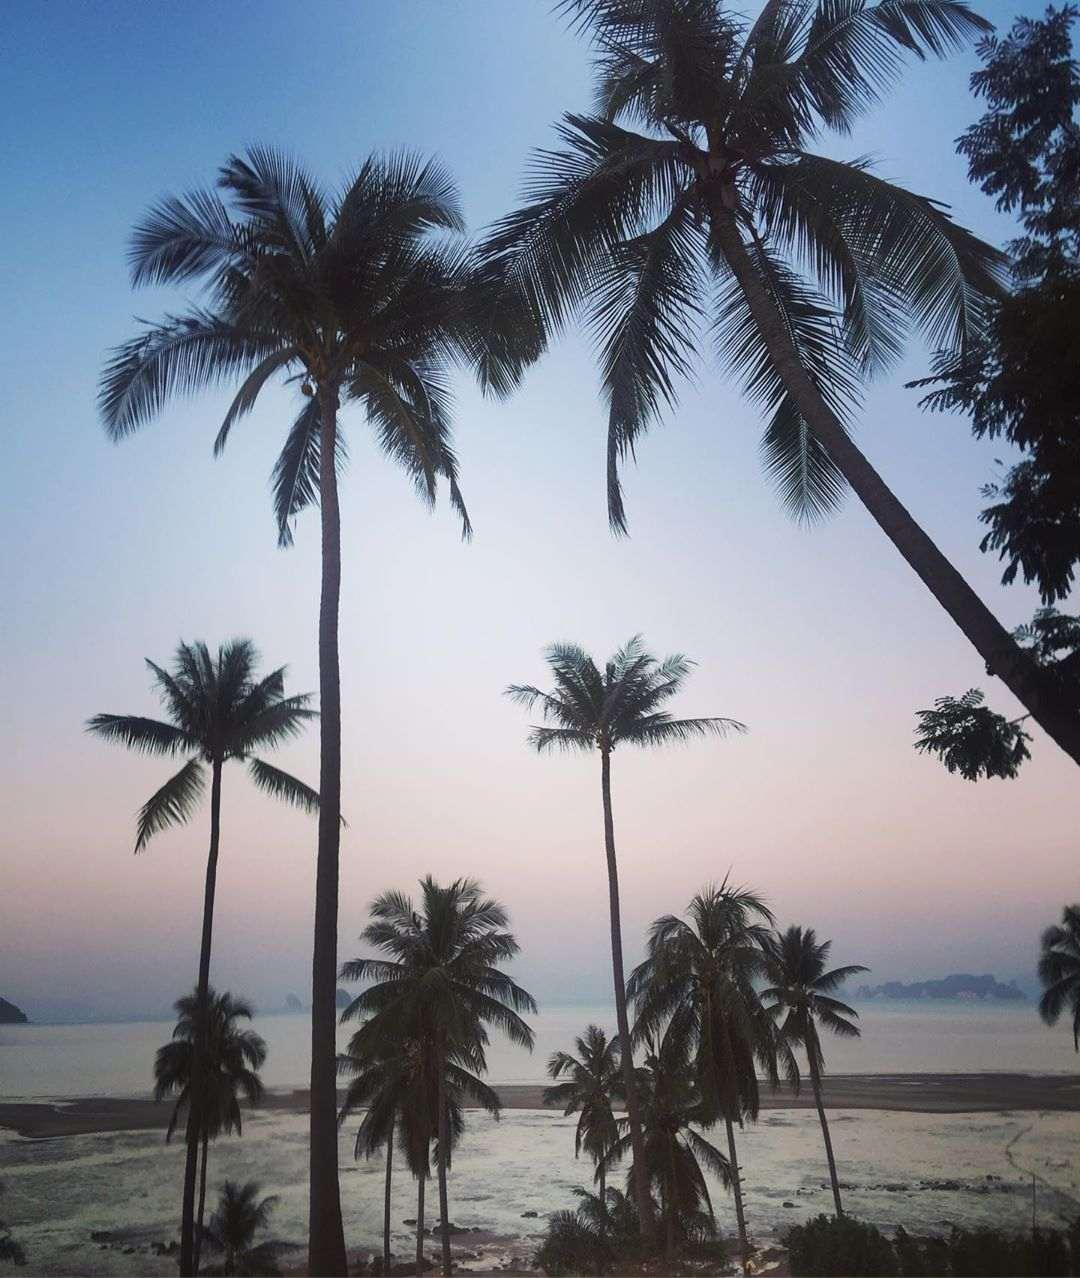 Mooie lucht met palmbomen op de voorgrond gezien vanaf Koh Yao Yai